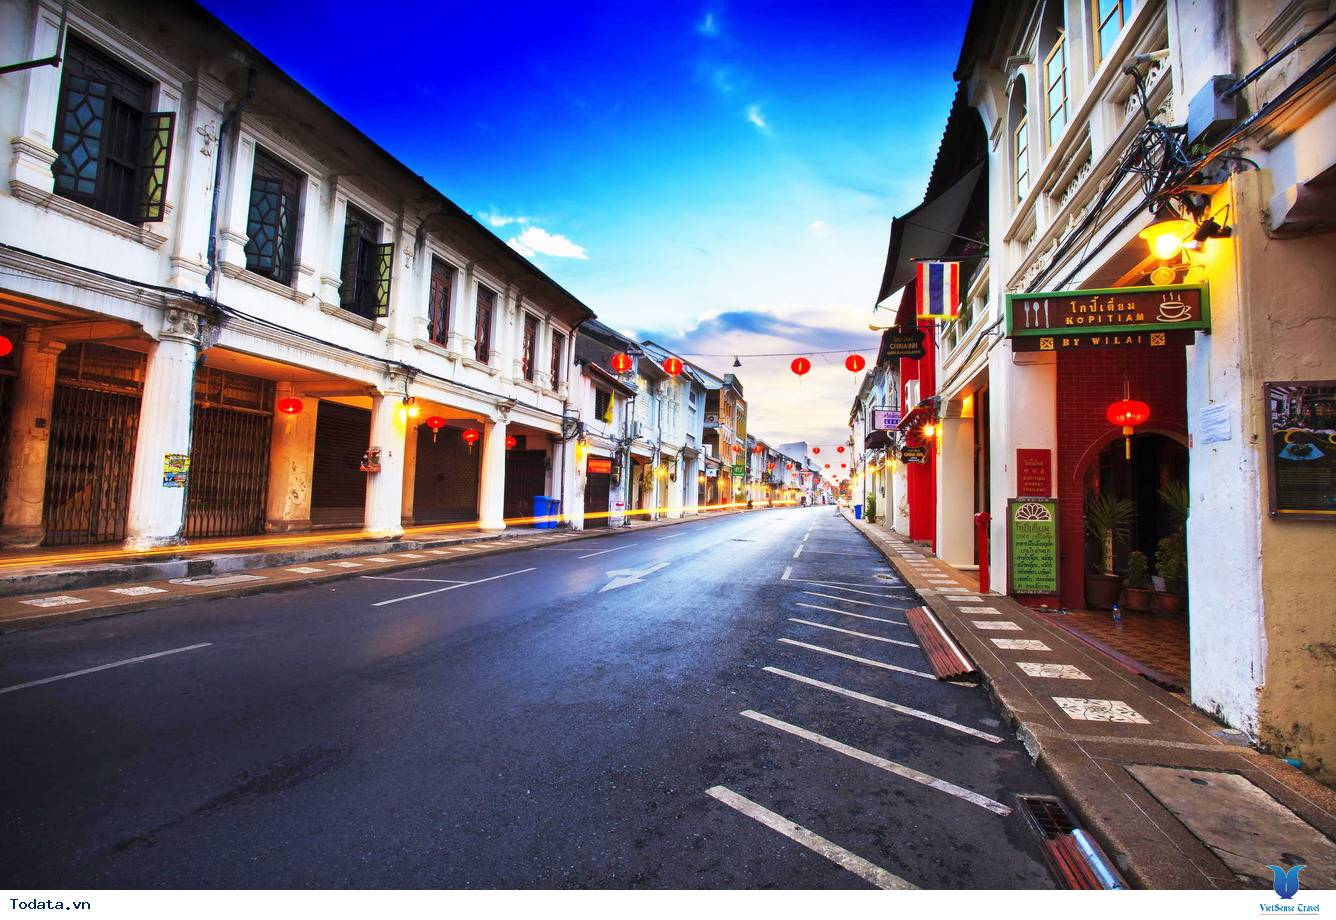 Một lần ngắm trọn vẻ đẹp của Phuket- Thái Lan